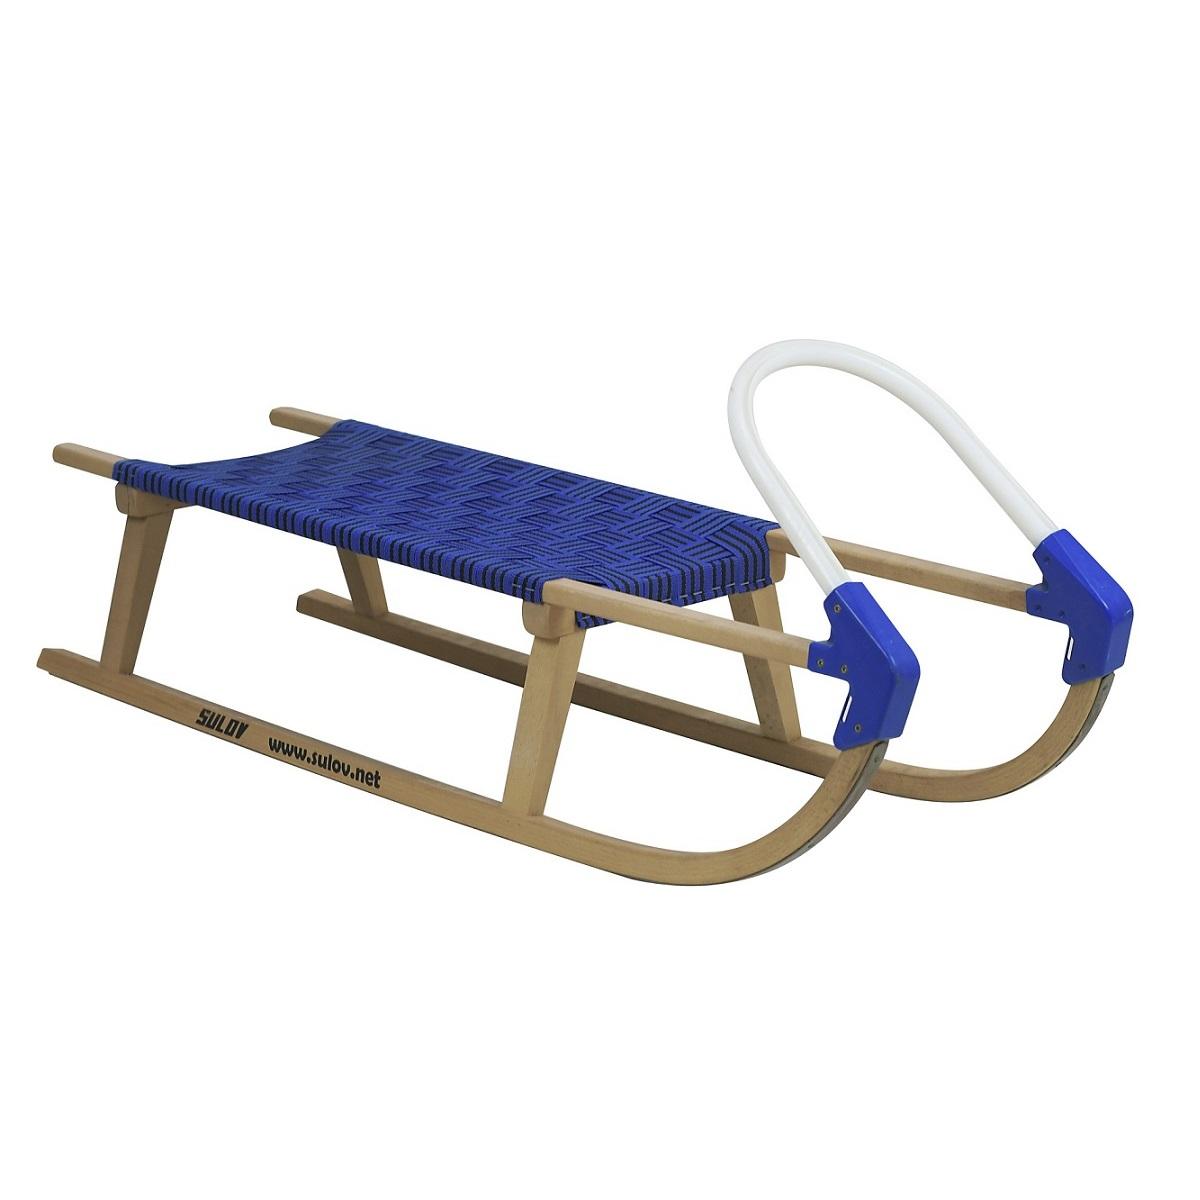 Sáně dřevěné SULOV Lavina délka 110 cm - modro-černé